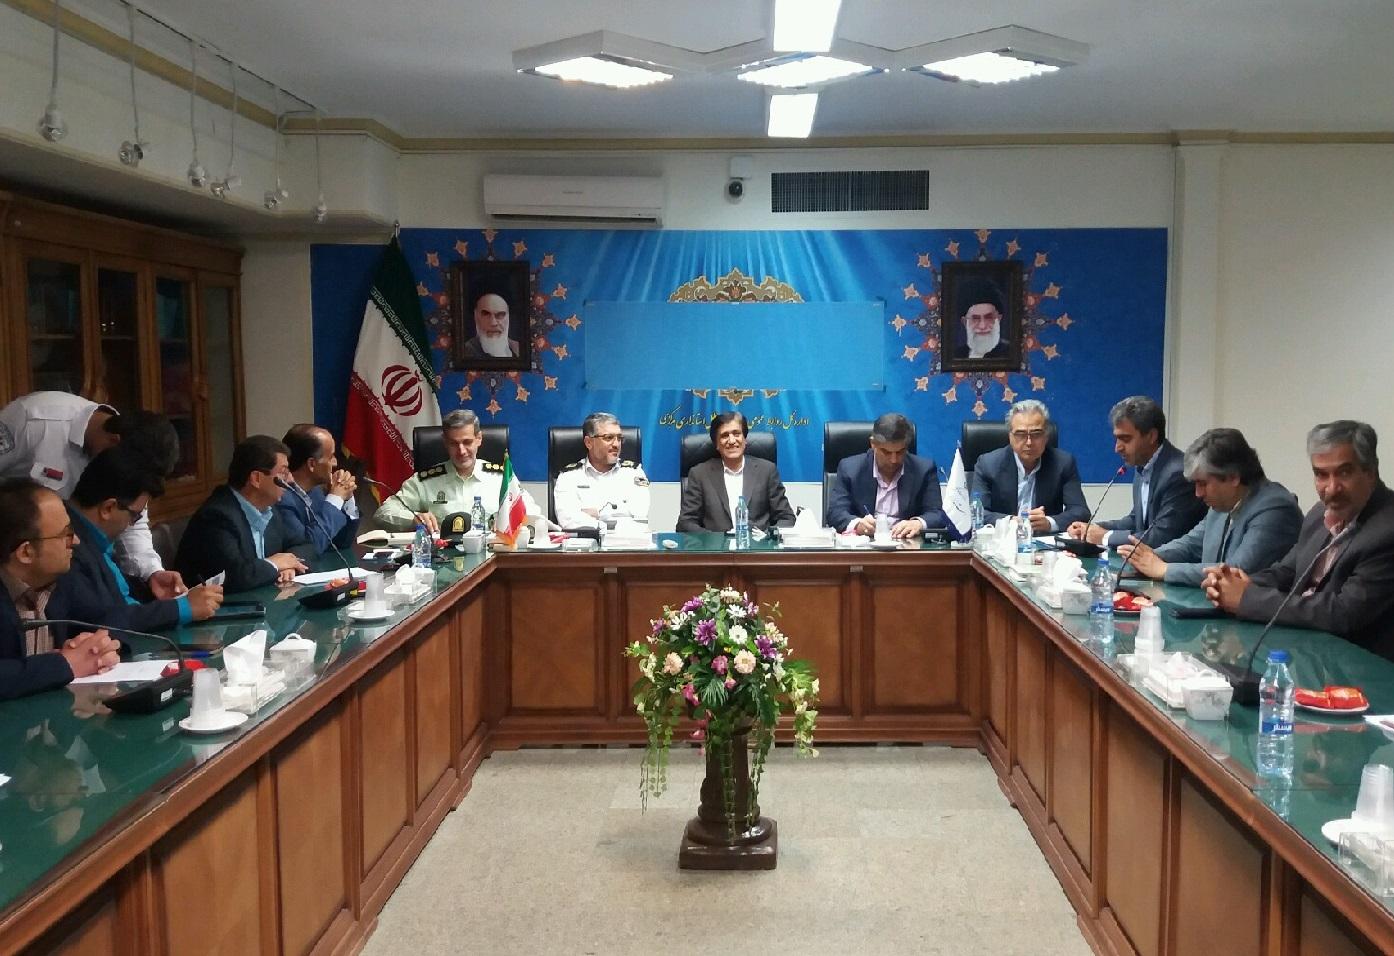 جلسه شورای راهبری ترافیک استان مرکزی با حضور رئیس پلیس راه کشور